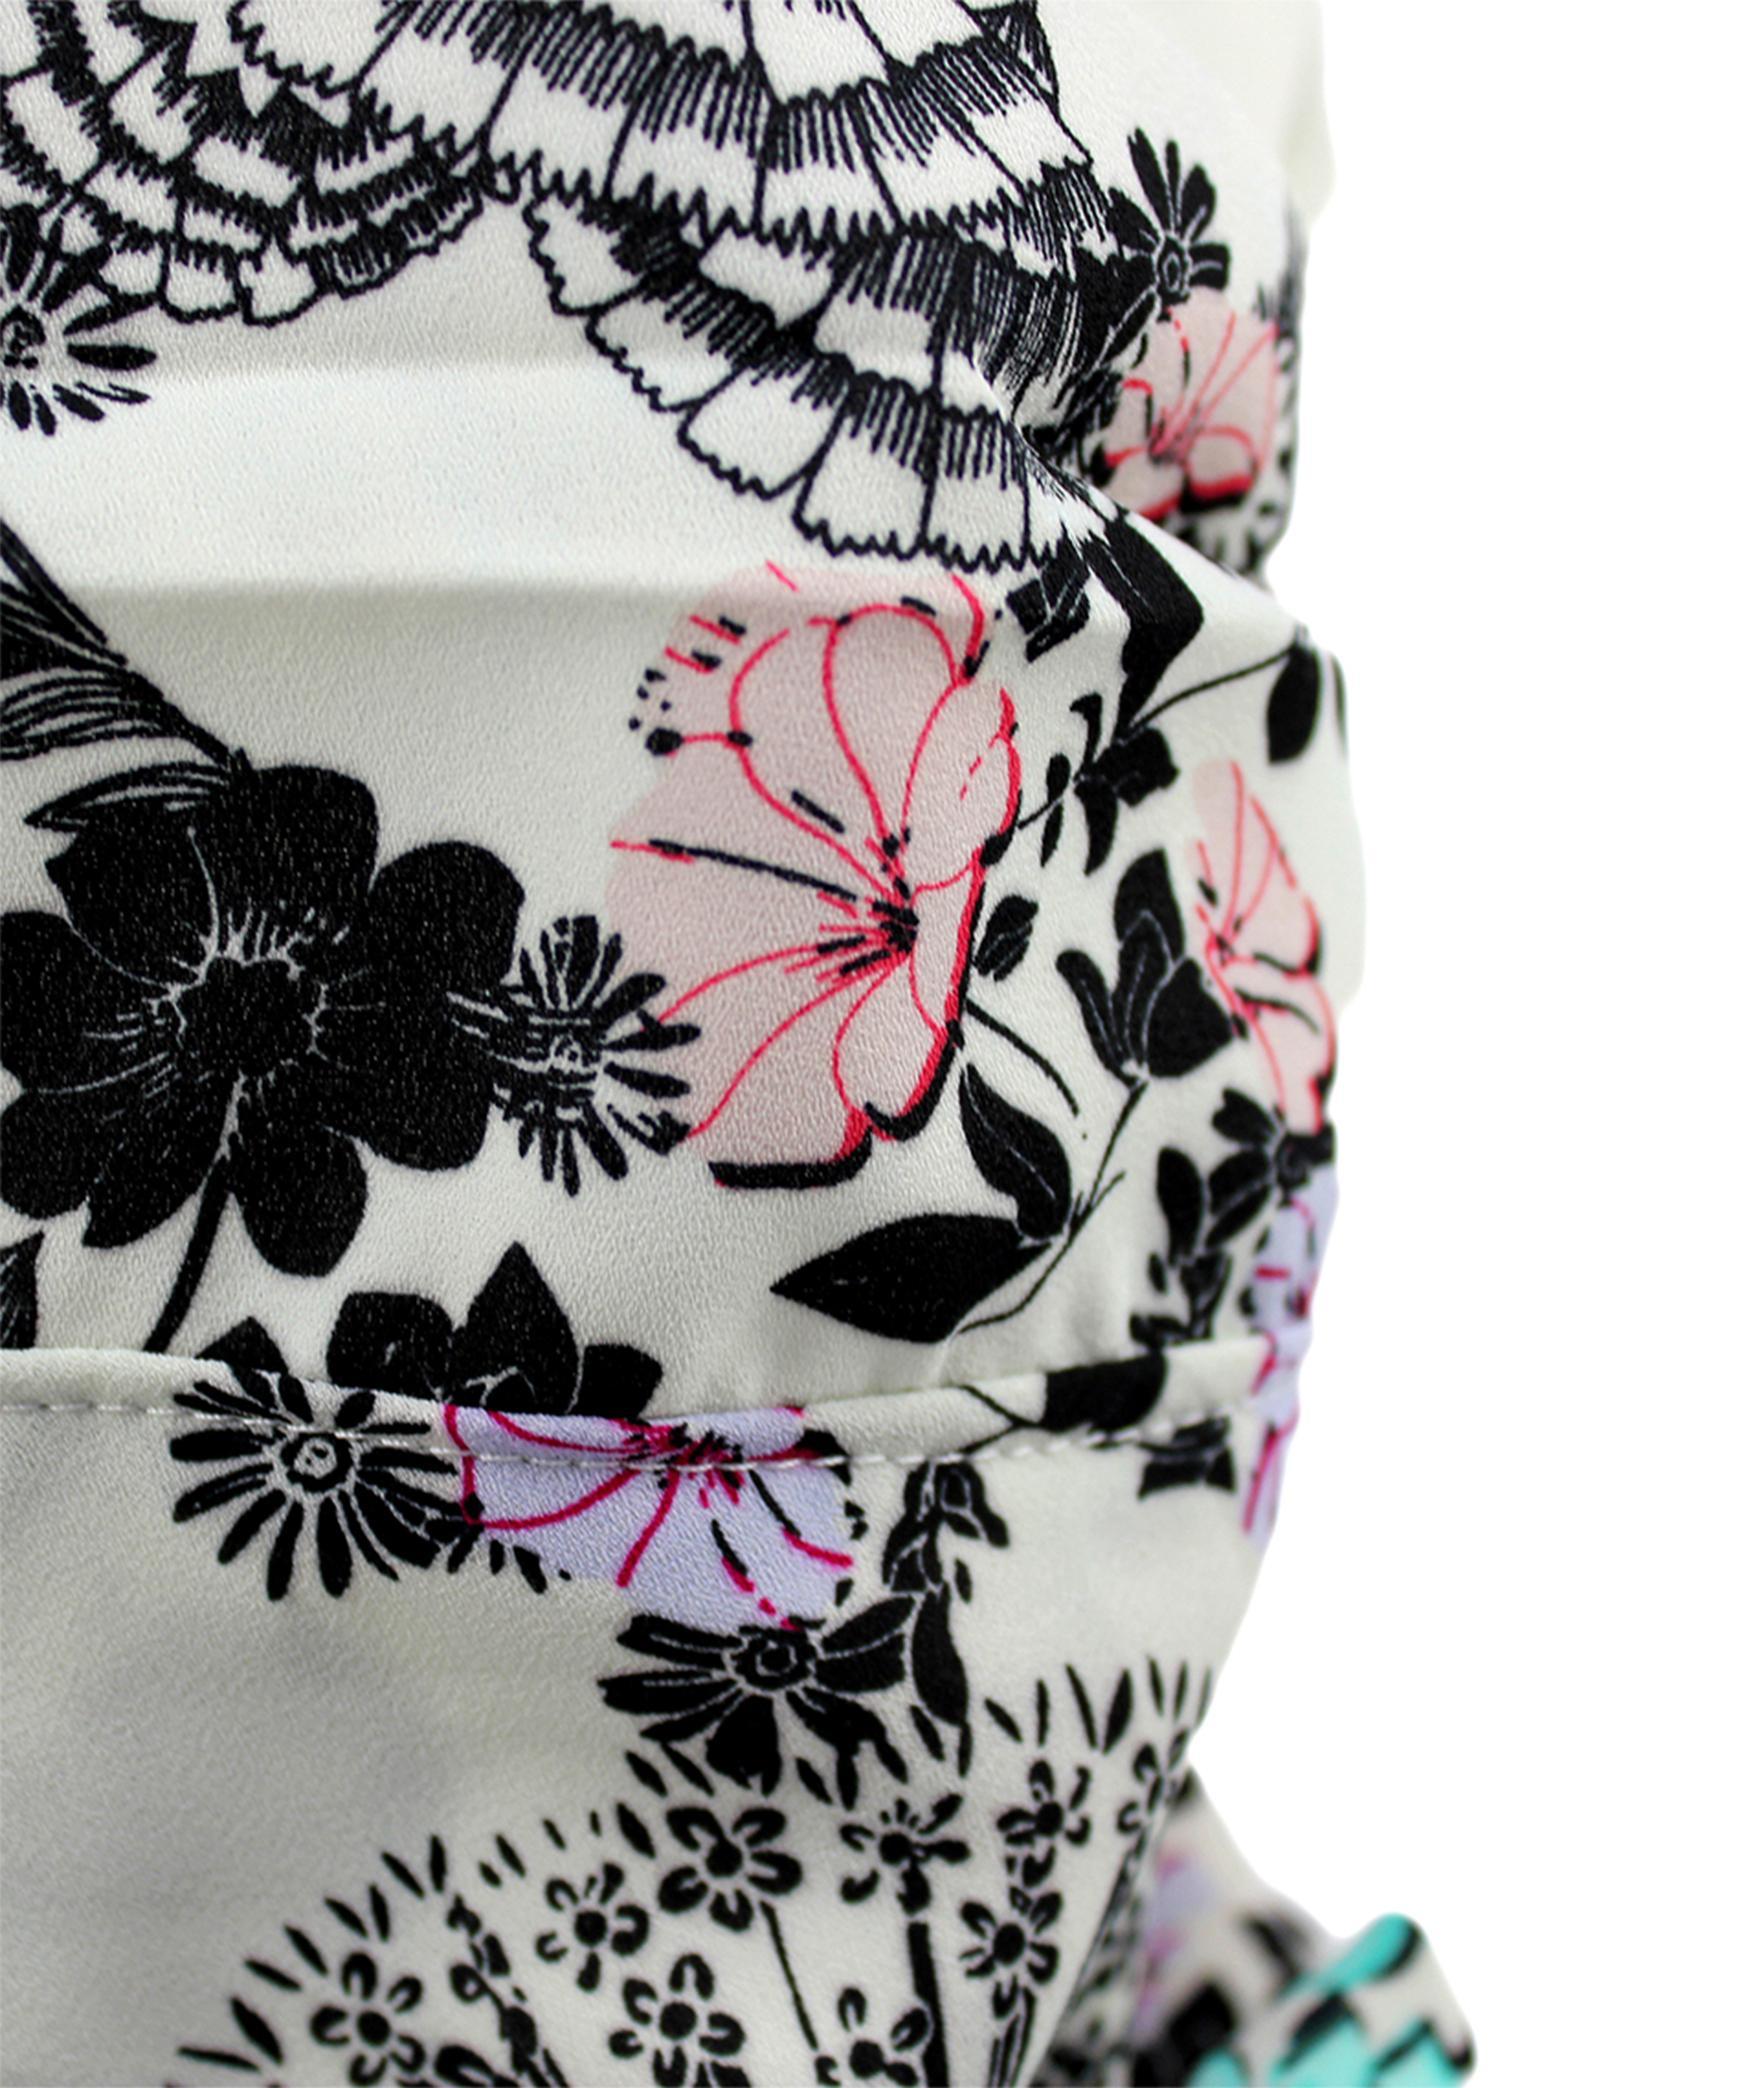 Masca dama 2in1 esarfa cu flori (copiază)